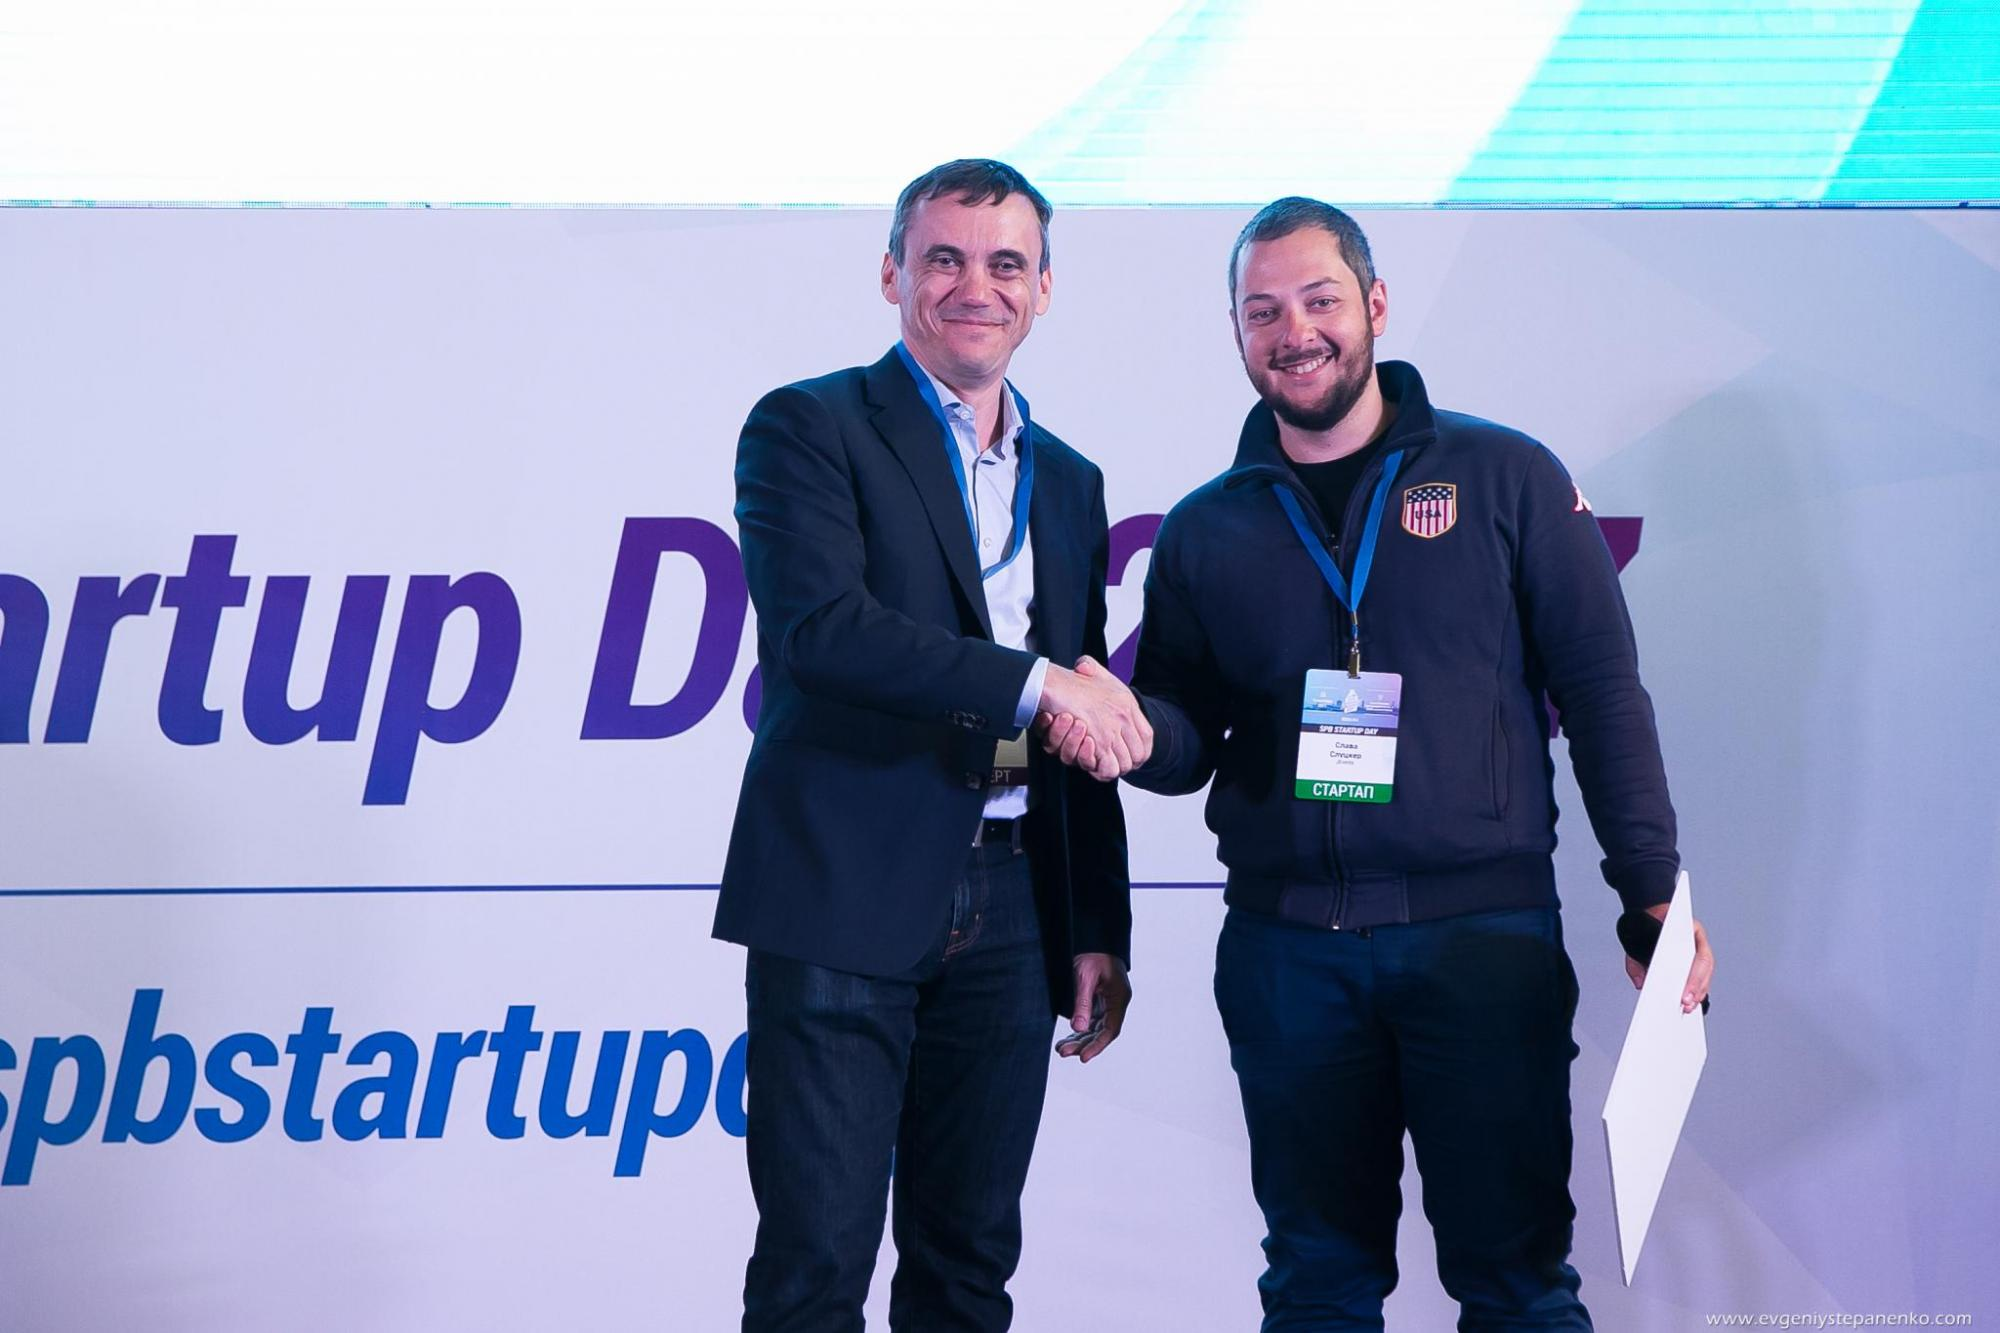 Победа в номинации «лучший стартап с перспективой выхода на американский рынок», Spb Startup Day 2017 и мысли про питчи - 4